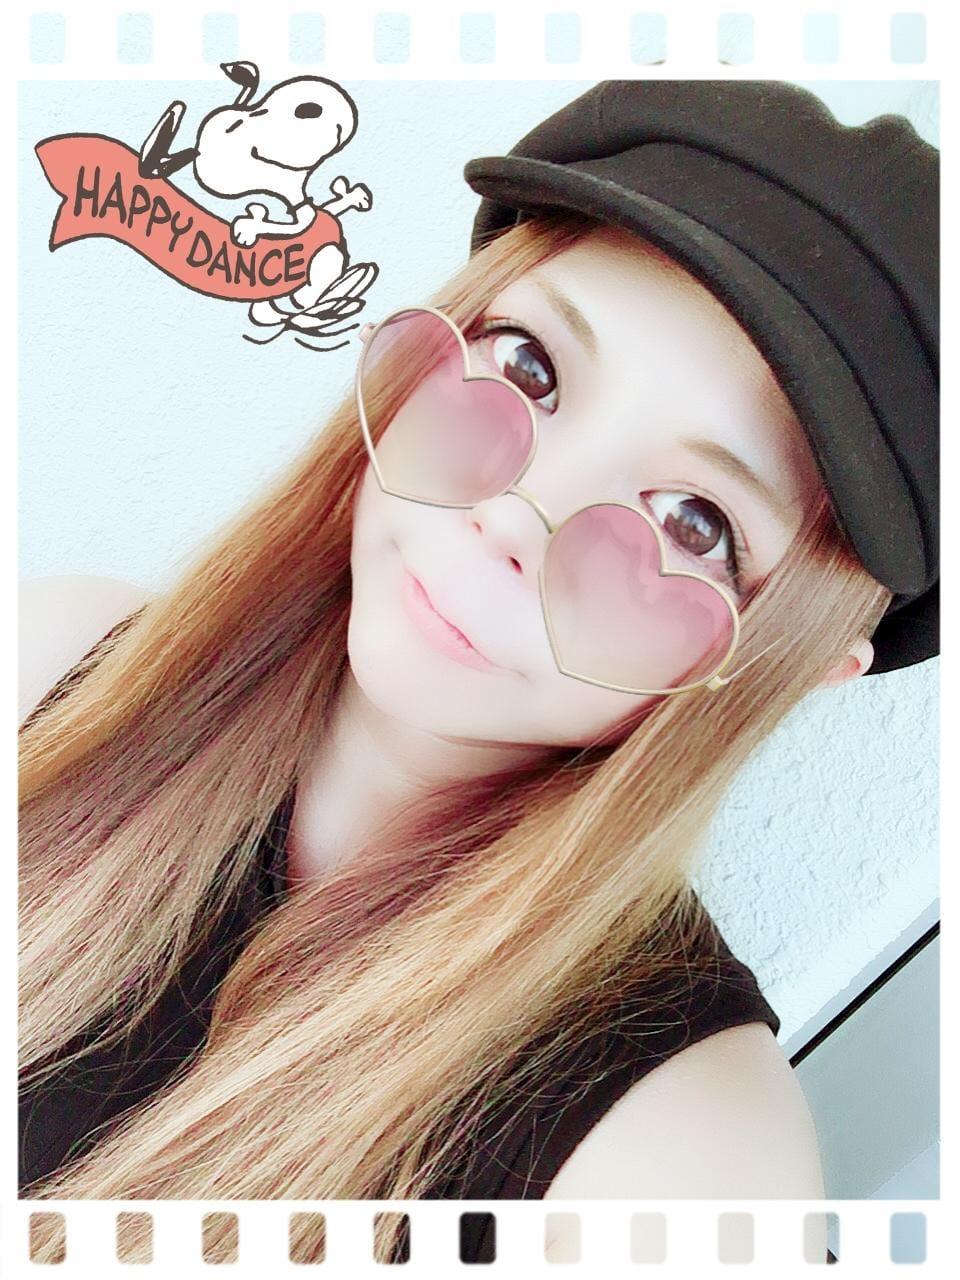 「☆スロ日記☆やっと!!」01/24(木) 19:04   しゅか☆美Eカップの写メ・風俗動画